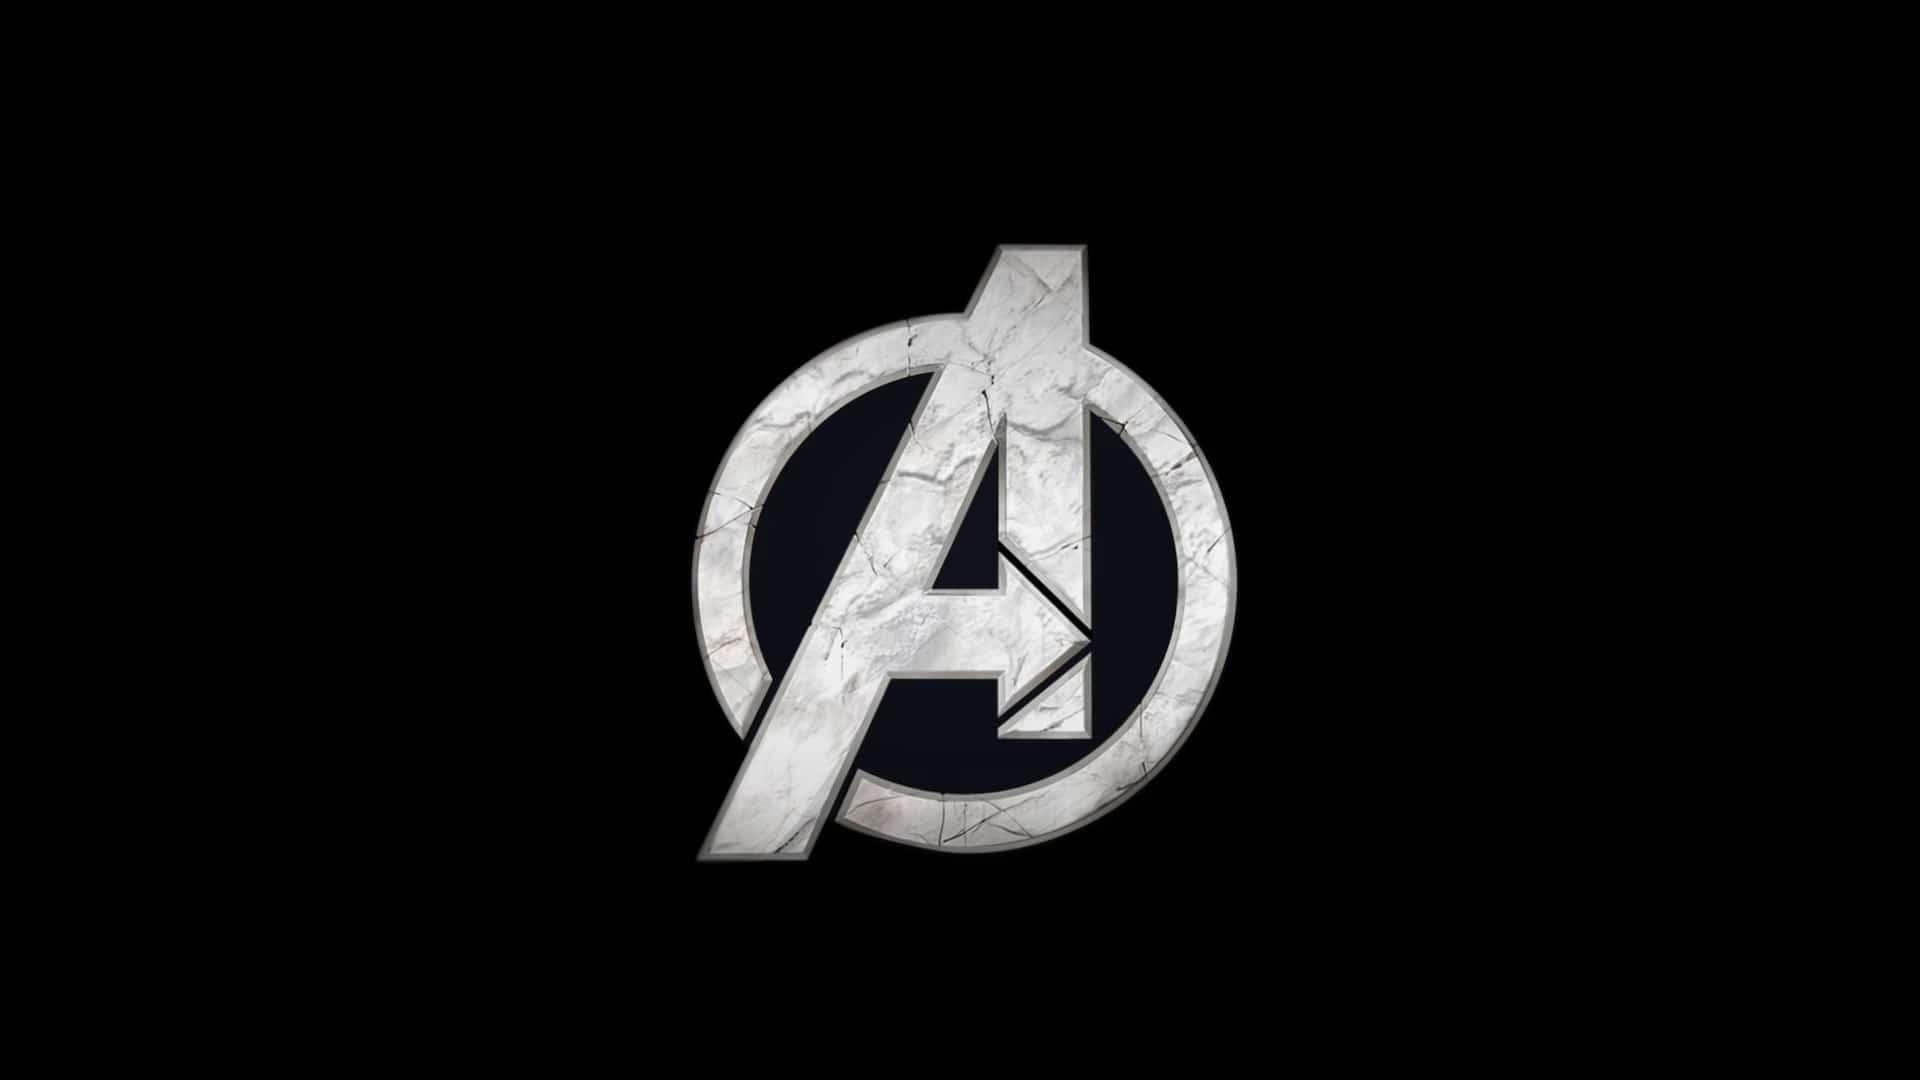 wholesale dealer 5b256 878fb Megaluokan jymypaukku luvassa! Paljastetaanko hartaasti odotettu  Avengers-peliprojekti The Game Awardsien yhteydessä  - Tilt